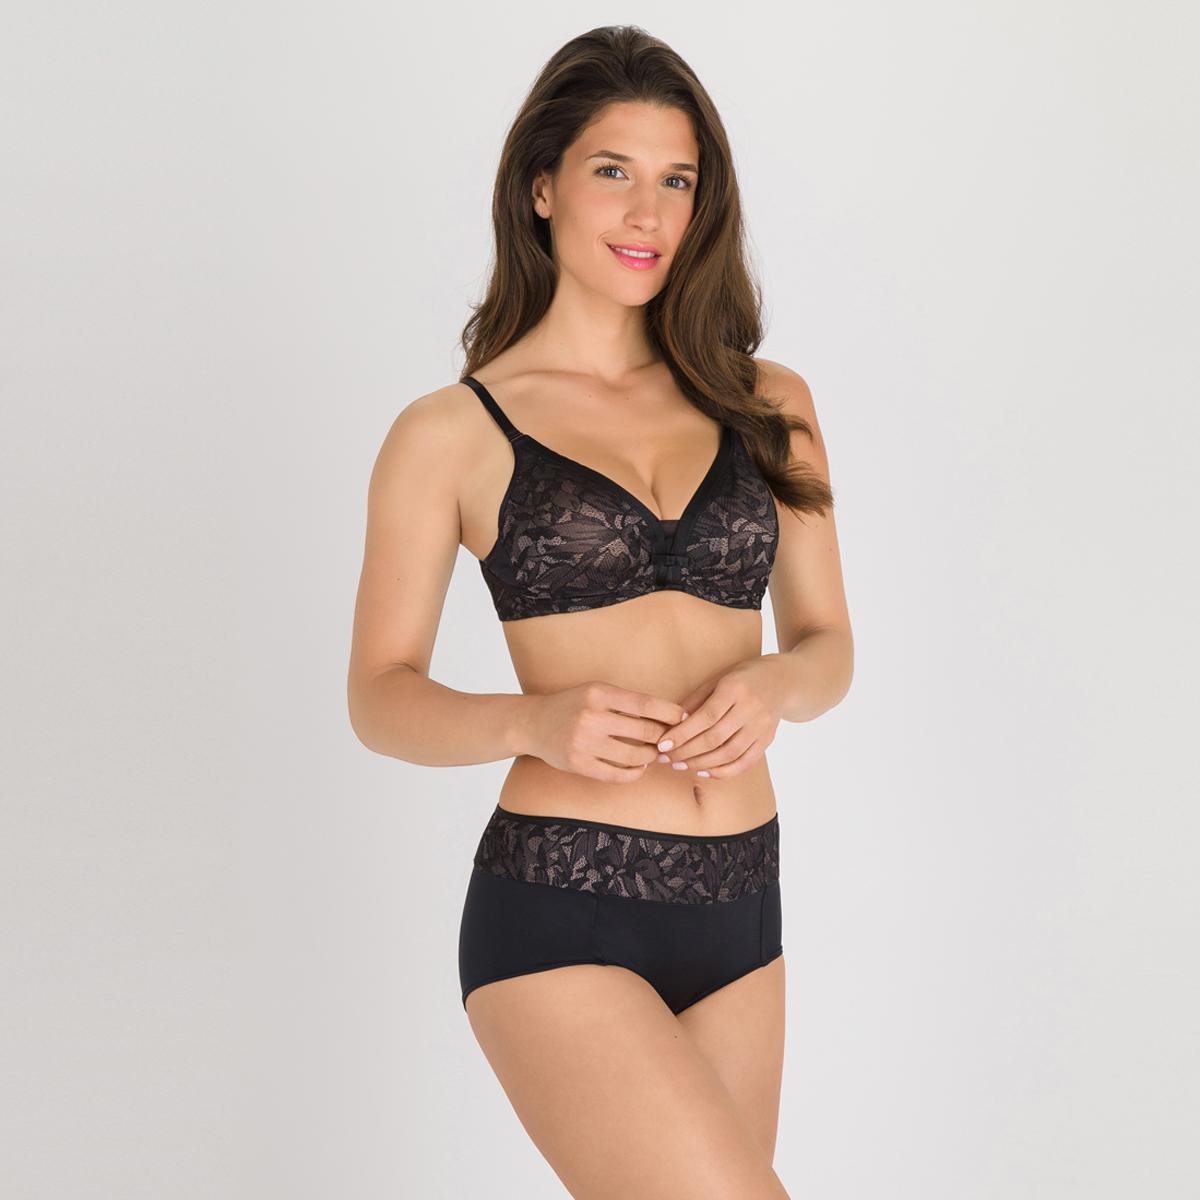 Soutien-gorge emboîtant noir gris - Ideal Beauty Lace, , PLAYTEX